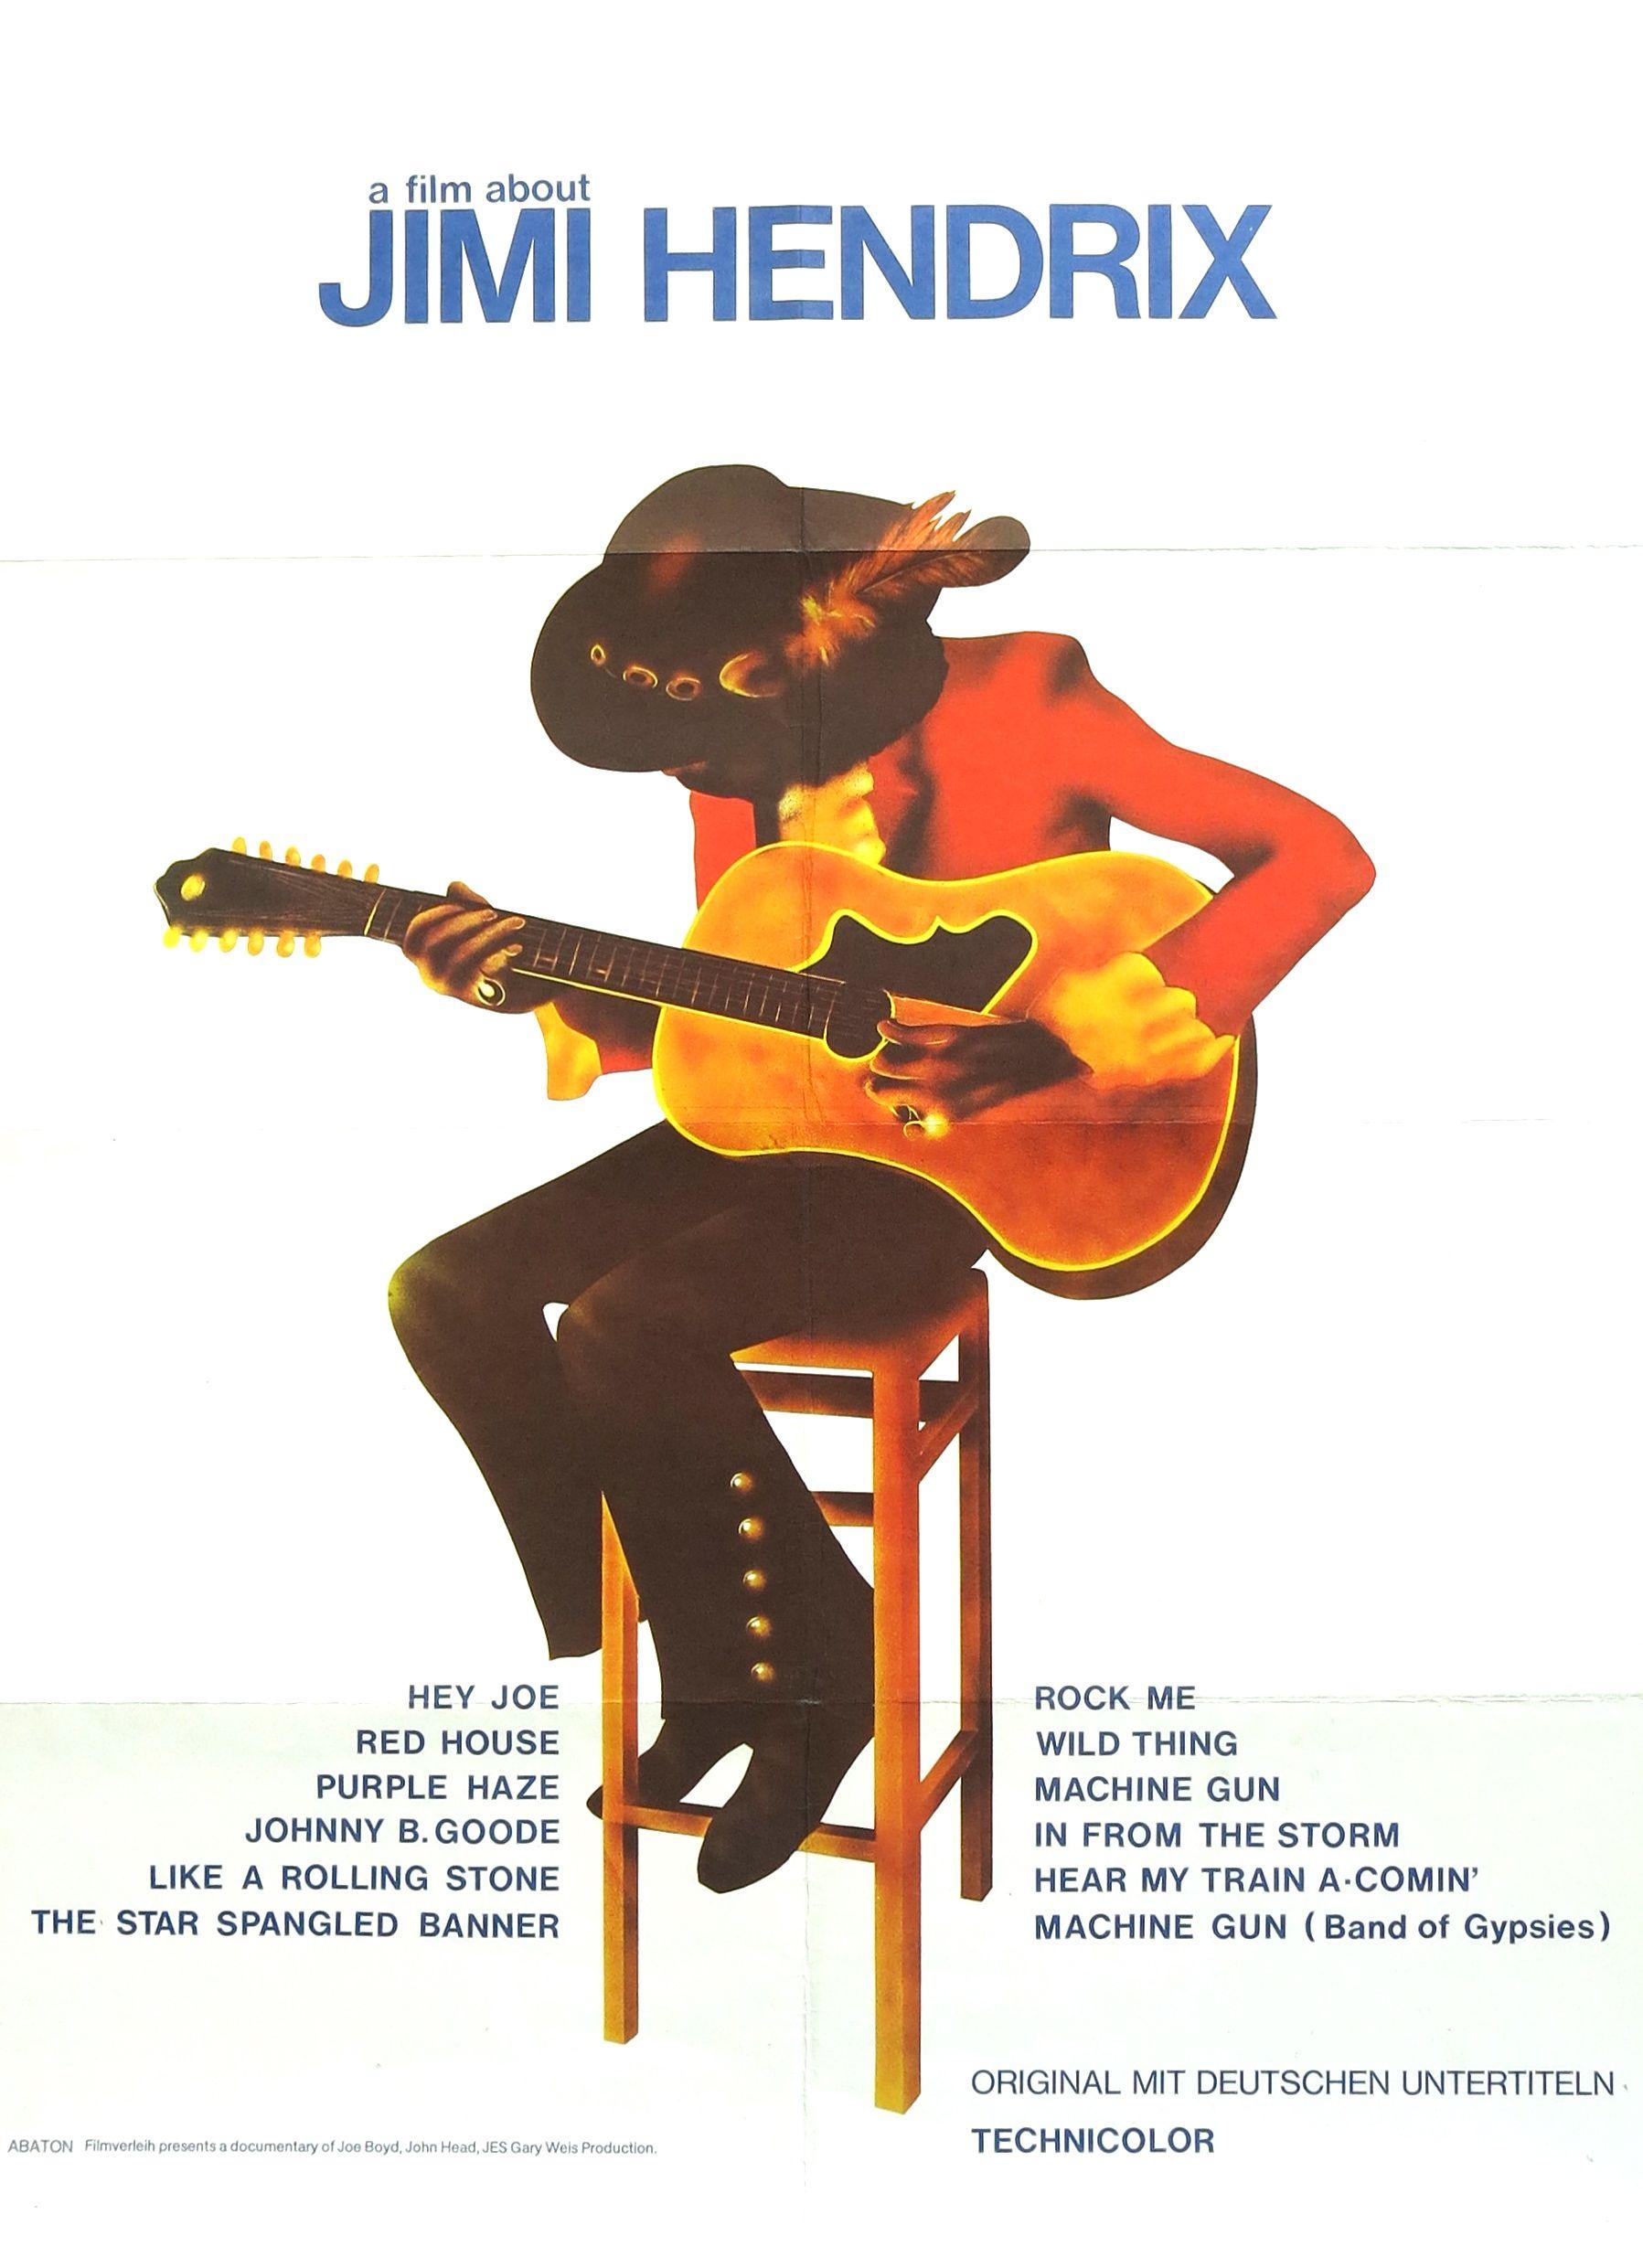 jimi hendrix 1973 poster for a film about jimi hendrix recordmecca recordmecca rare. Black Bedroom Furniture Sets. Home Design Ideas